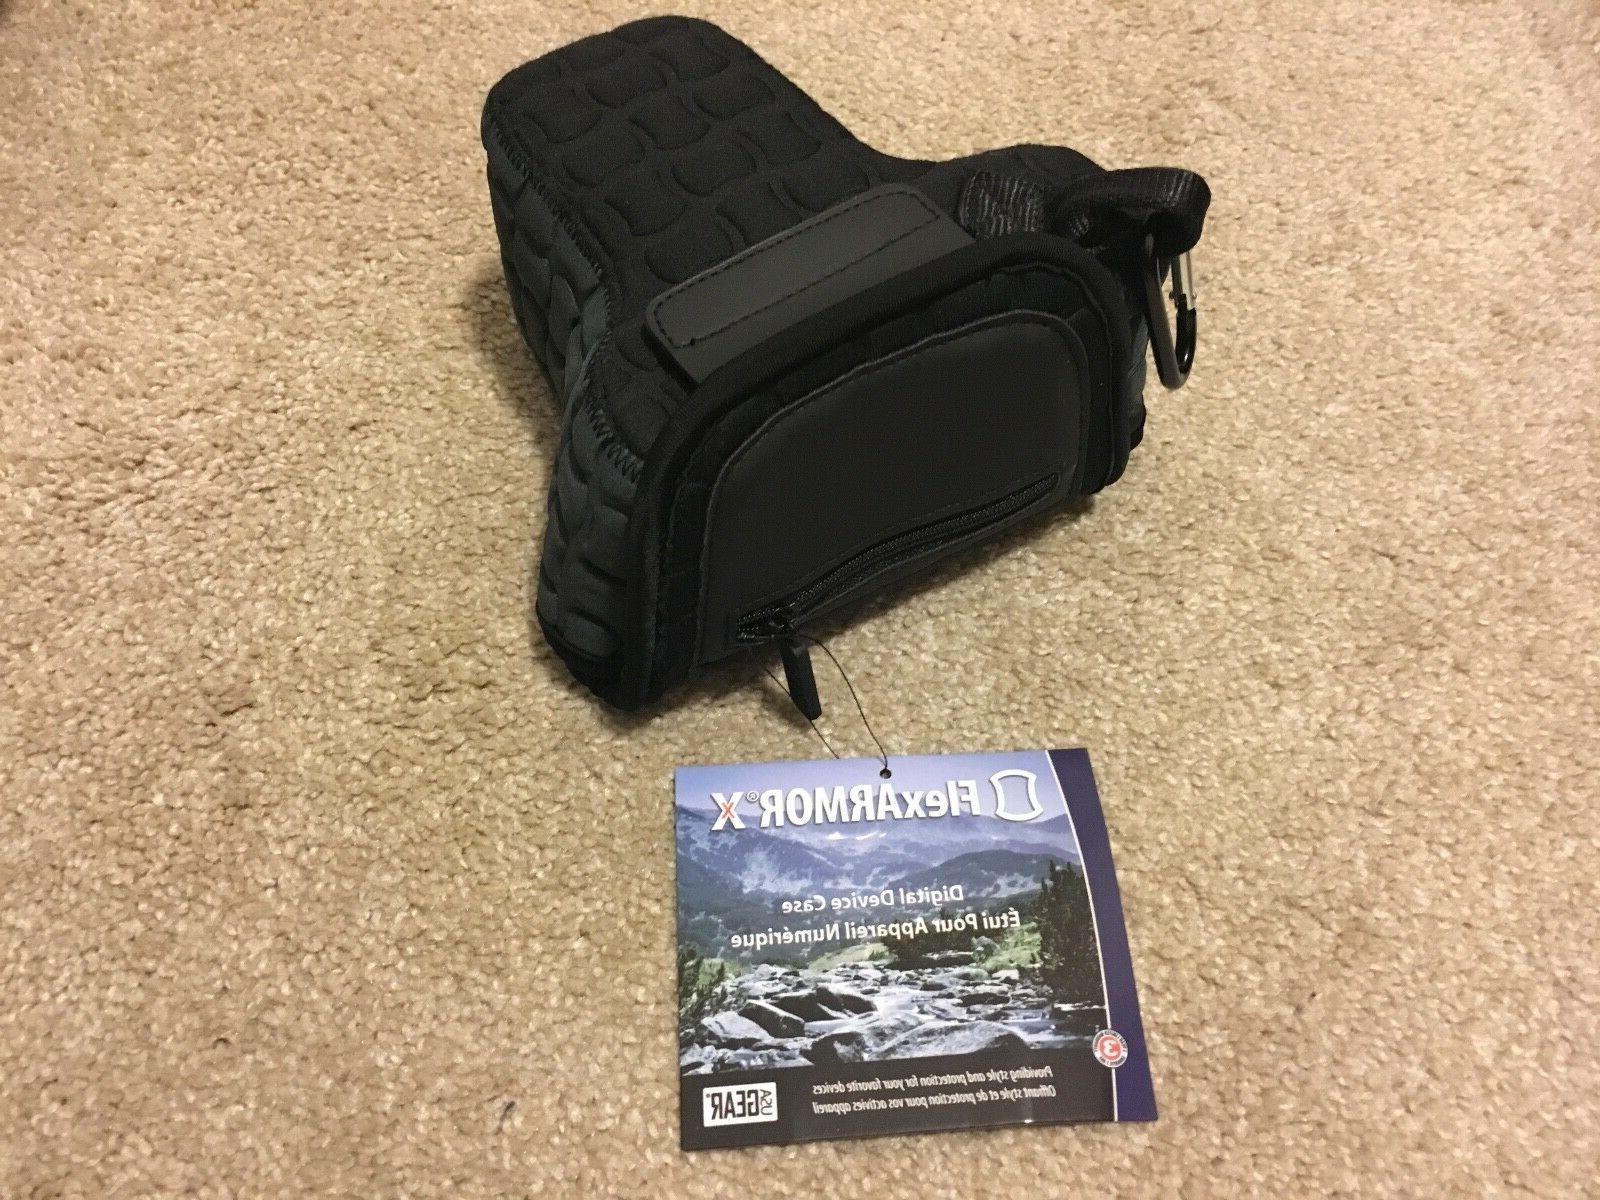 flexarmor x dslr camera case holster sleeve